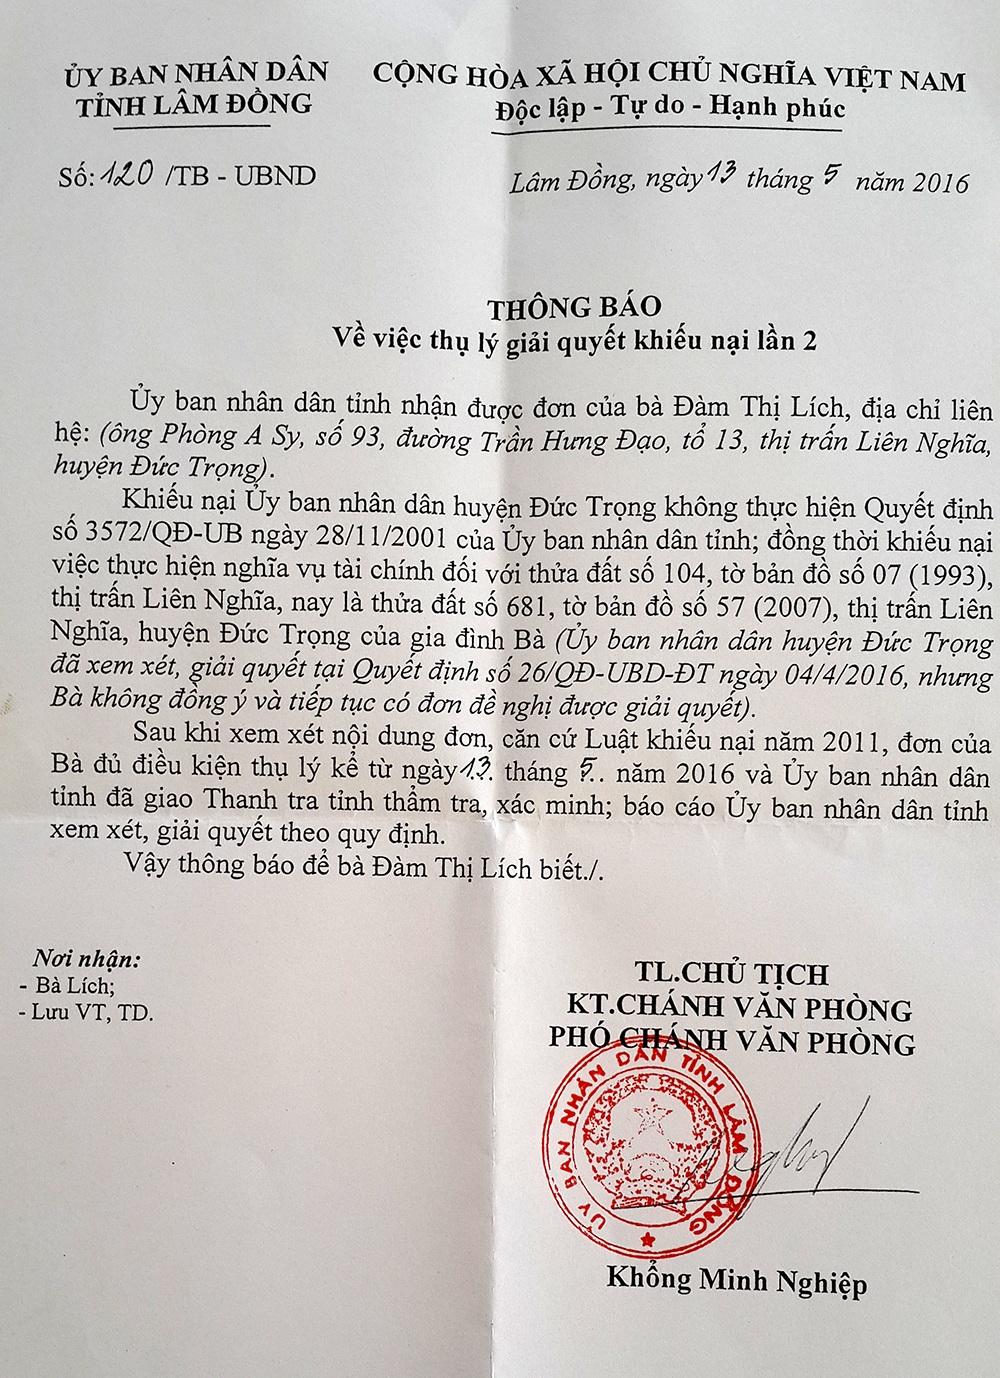 Thông báo thụ lý đơn khiếu nại của UBND tỉnh Lâm Đồng gửi đến gia đình cụ Lích